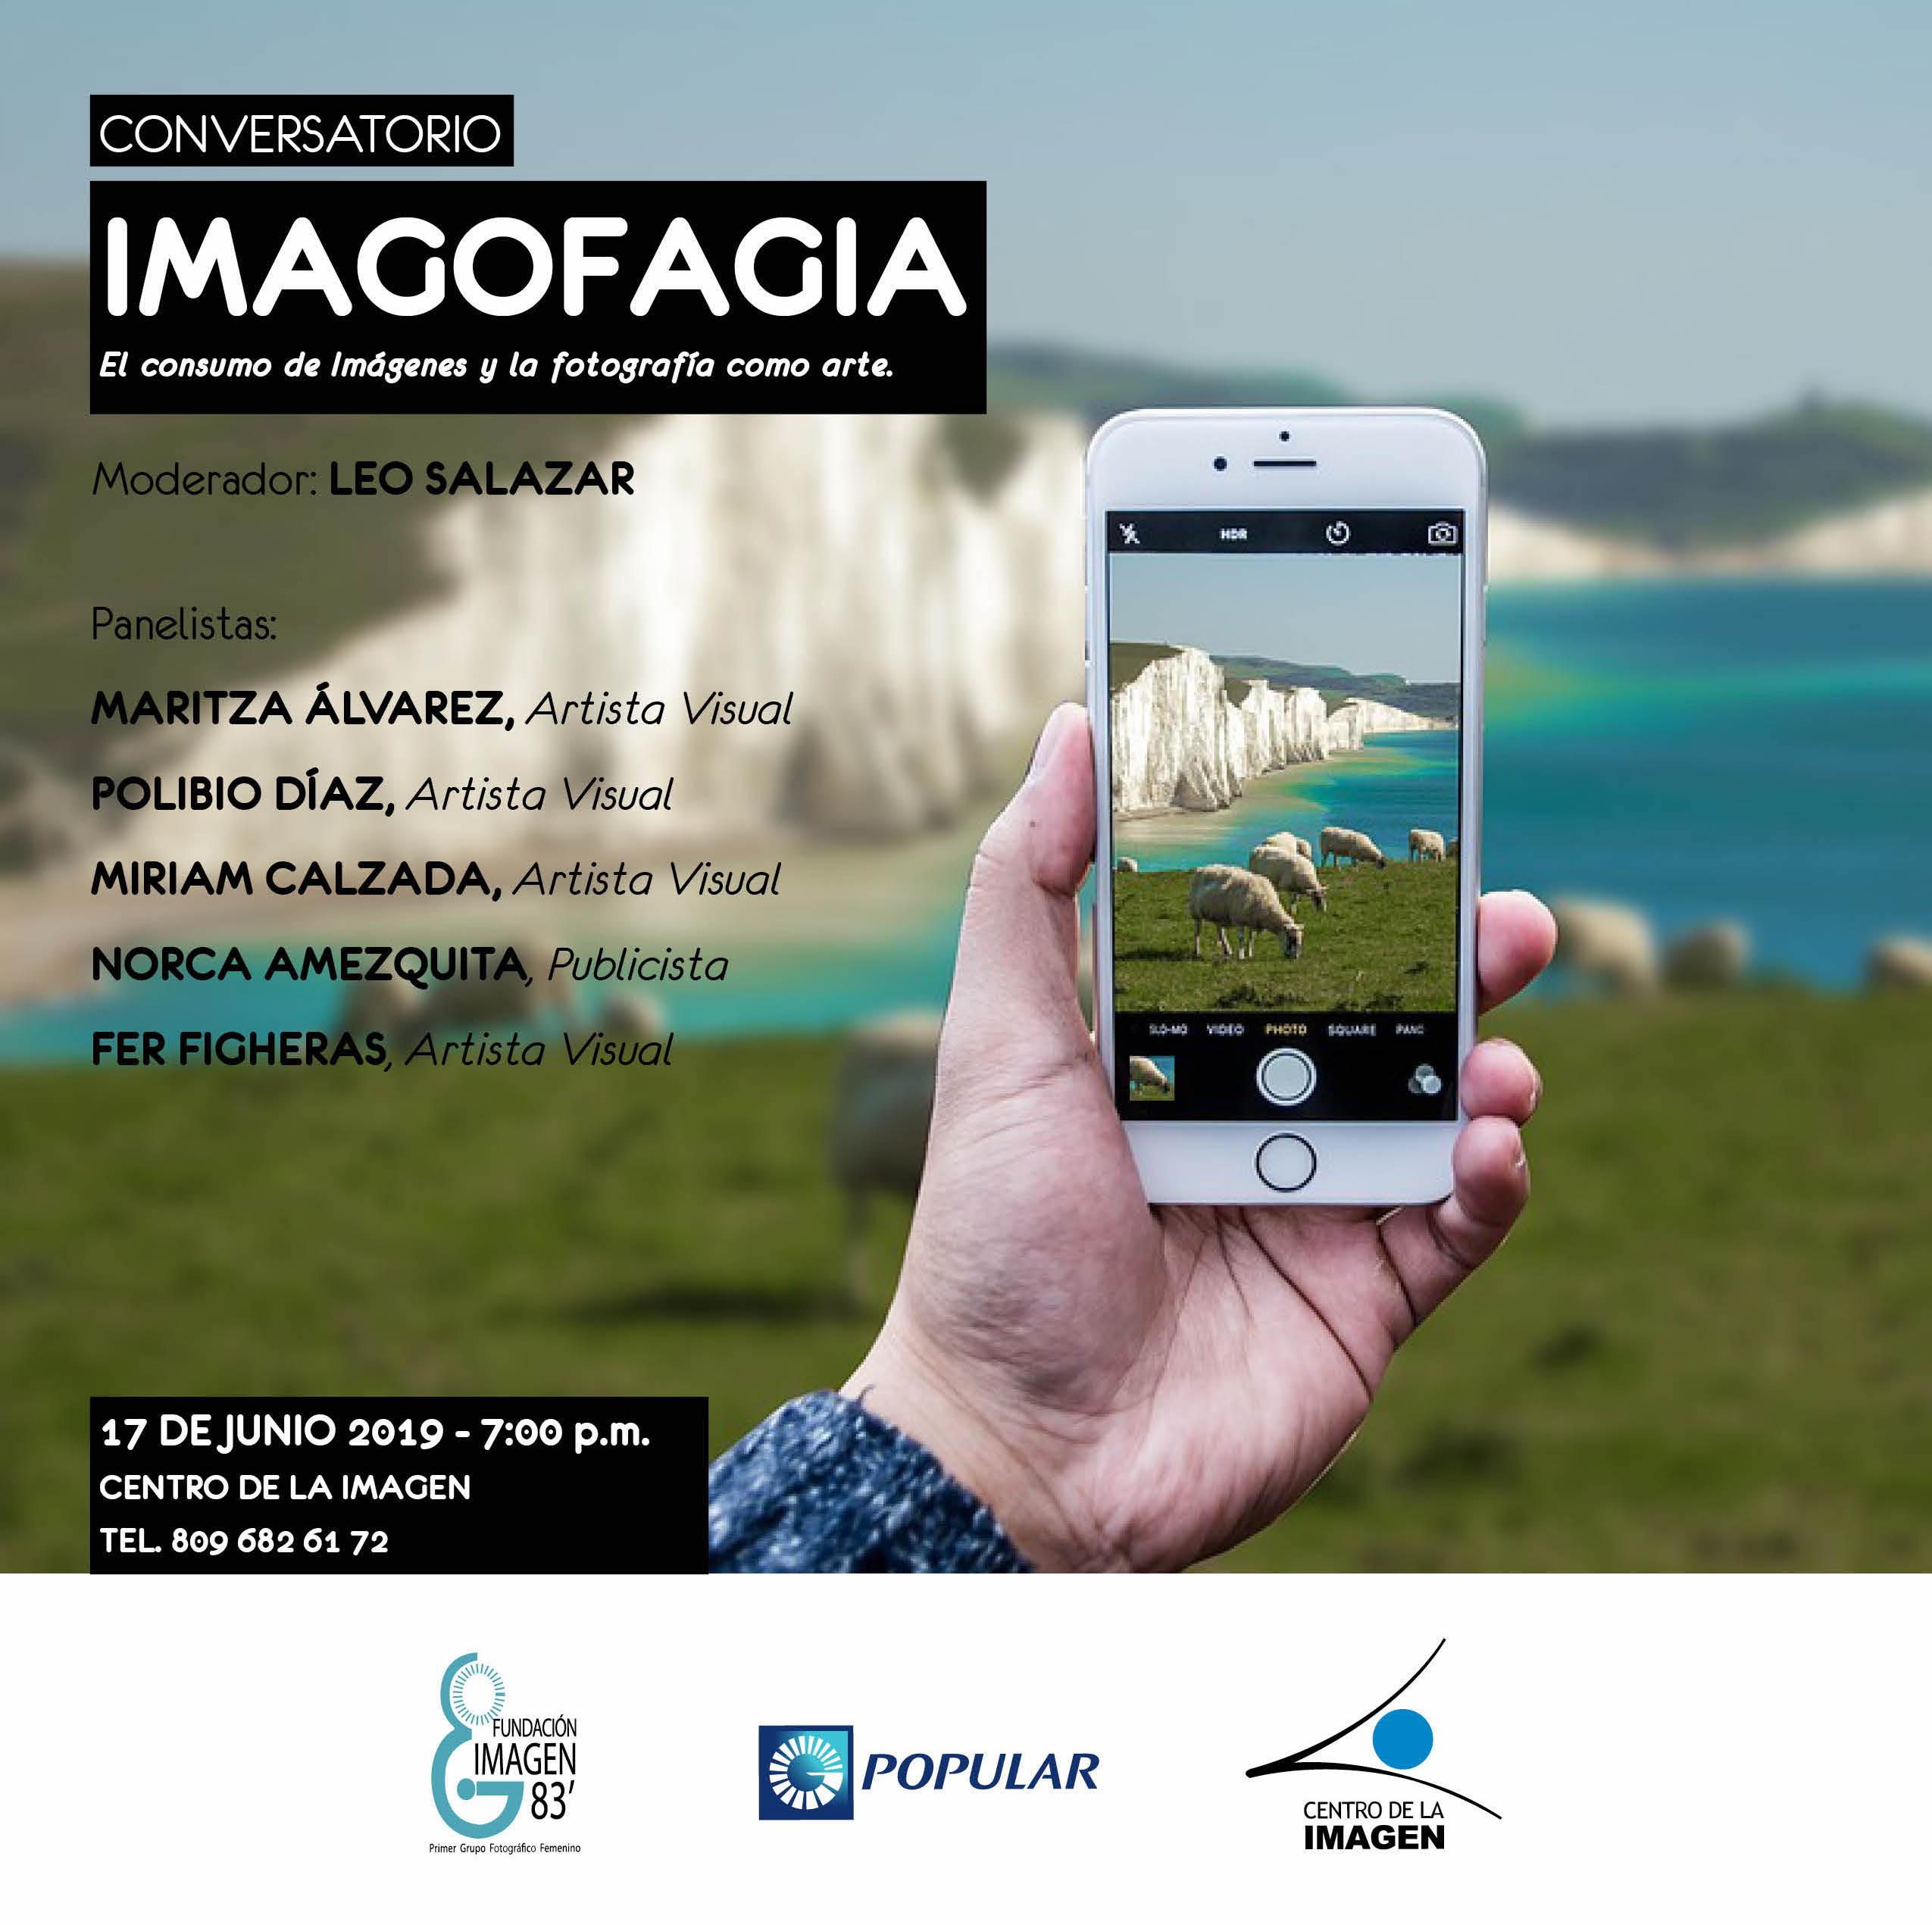 Imagofagia